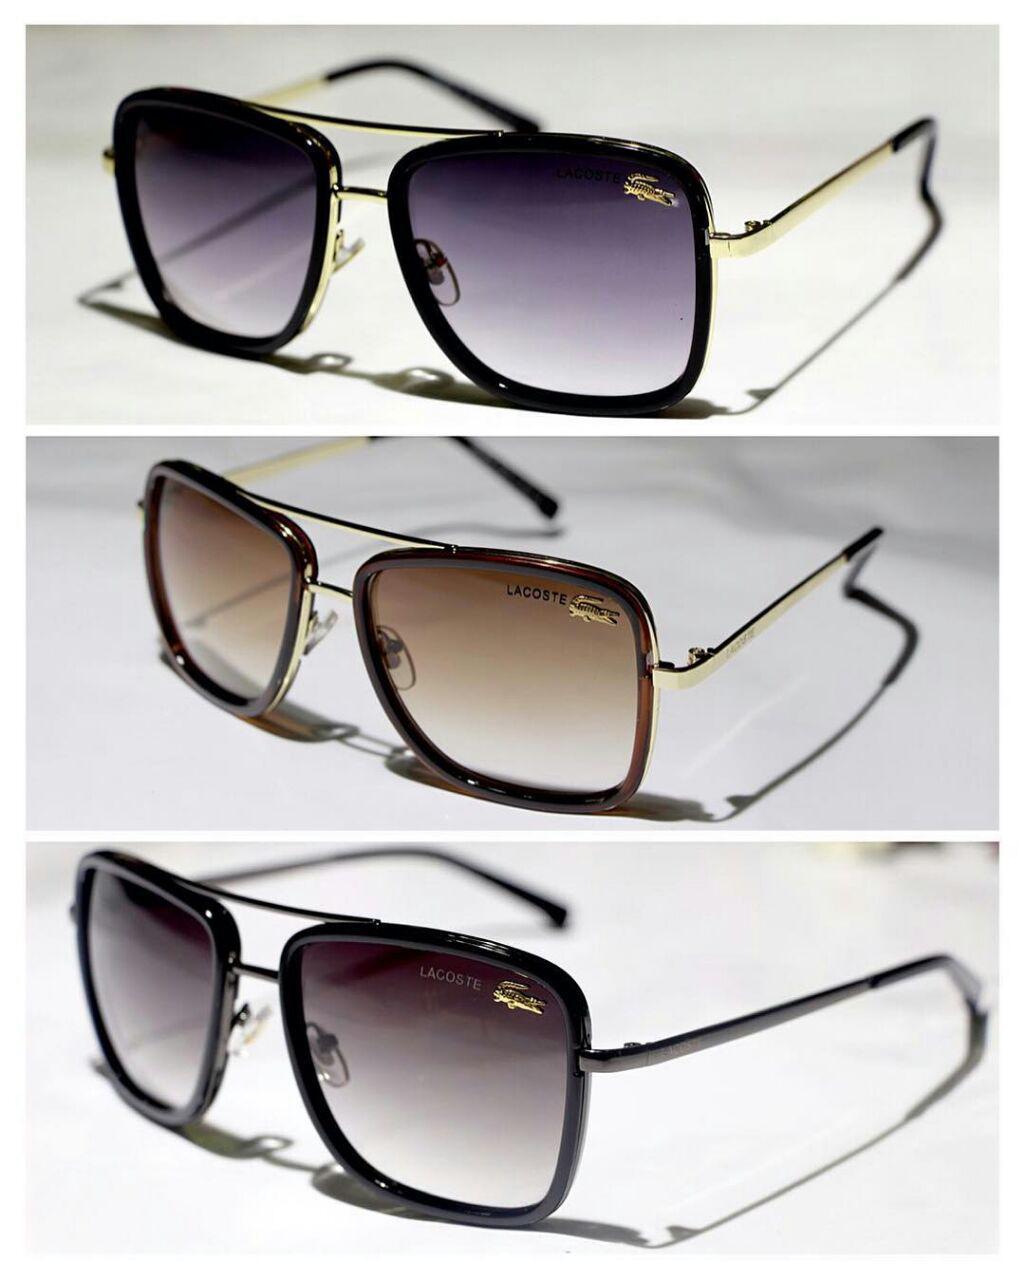 فروش عینک آفتابی 2016 فلت مارک لاگوست